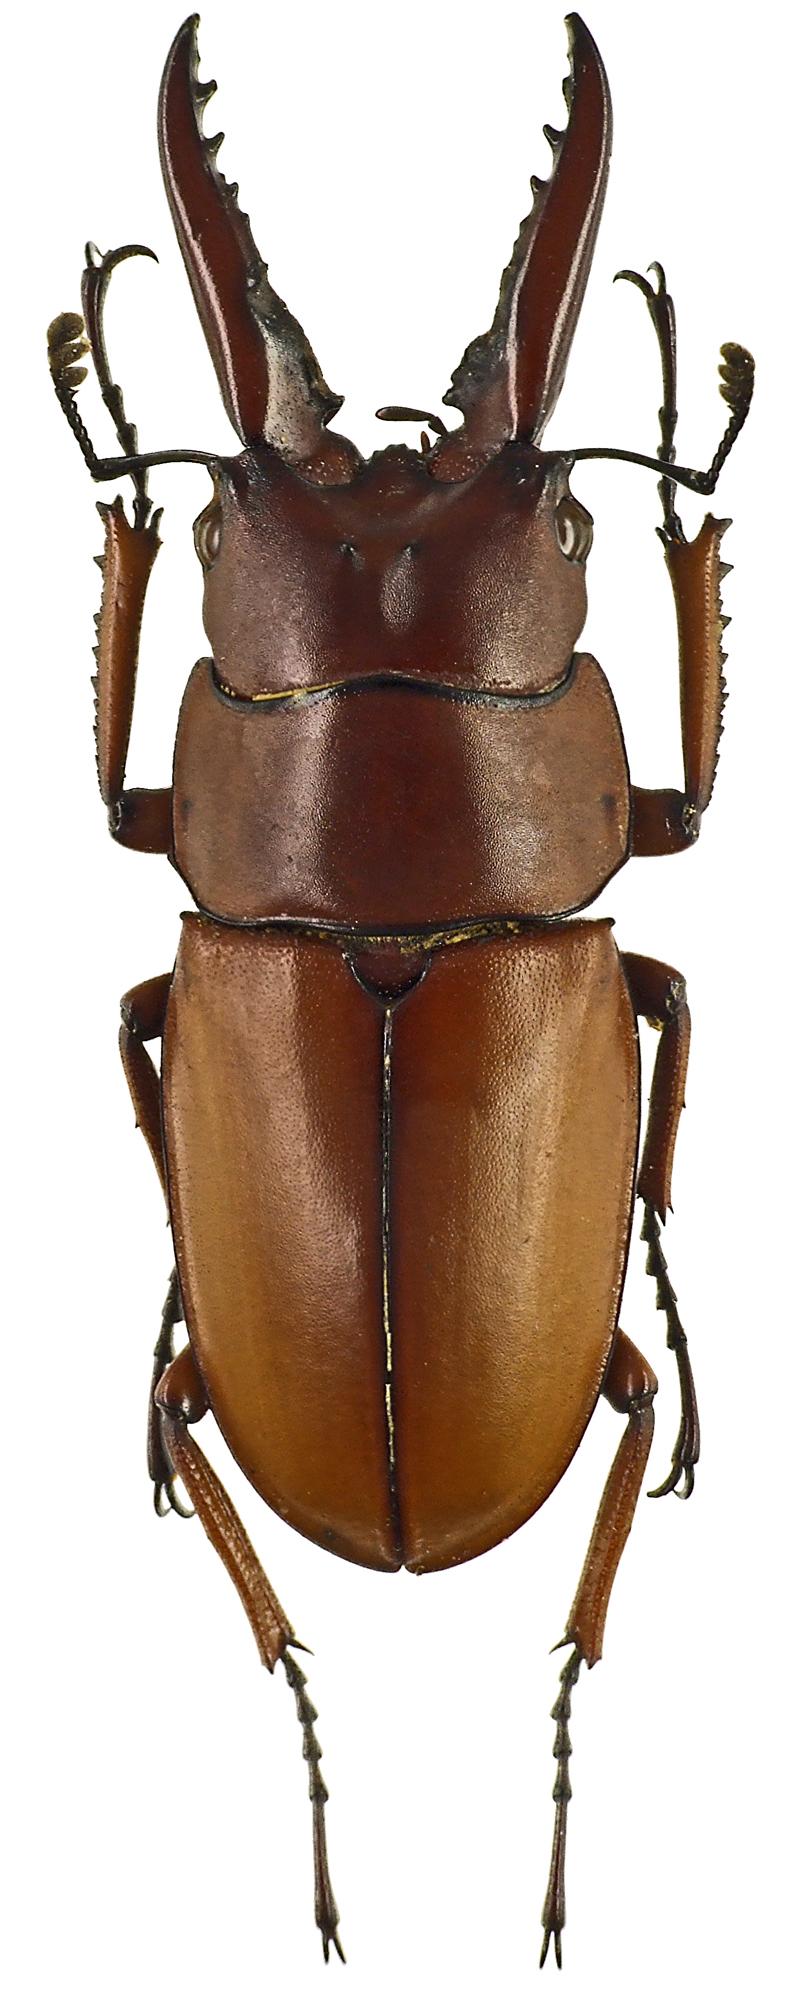 Prosopocoilus astacoides poultoni 43539cz41.jpg